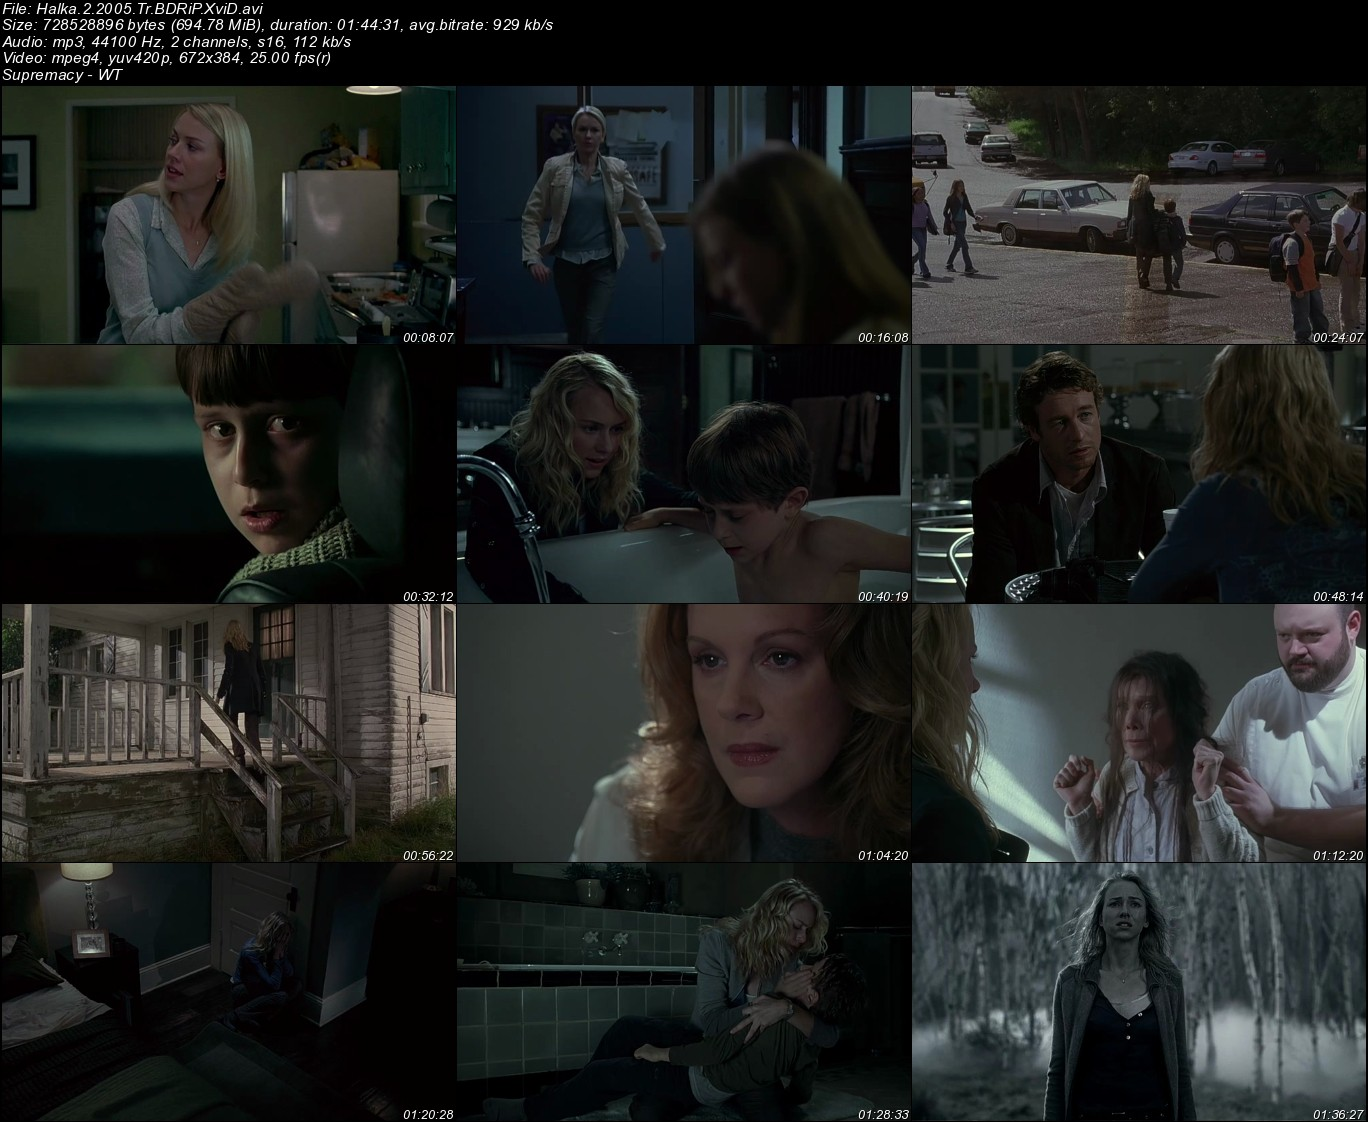 Halka 2 (The Ring 2) - 2005 Türkçe Dublaj BDRip indir